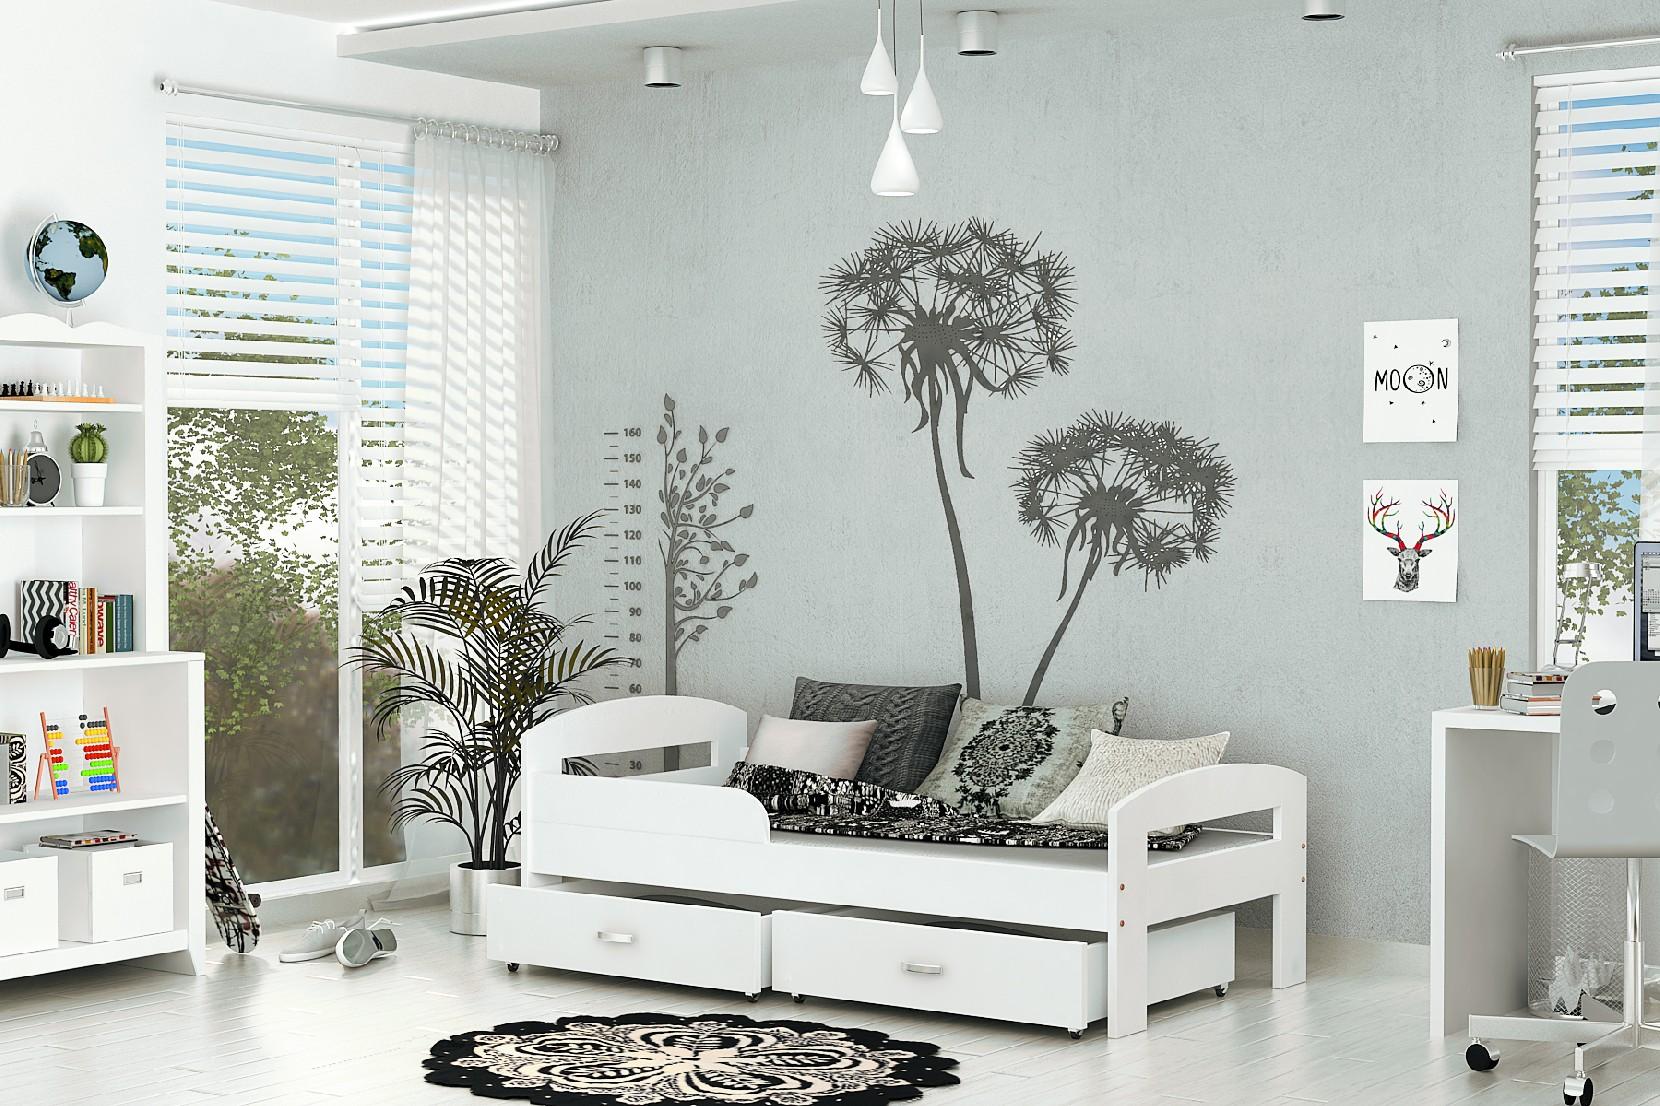 ArtAJ Detská posteľ GRZES 180x80 farebné prevedenie: biela bez matraca